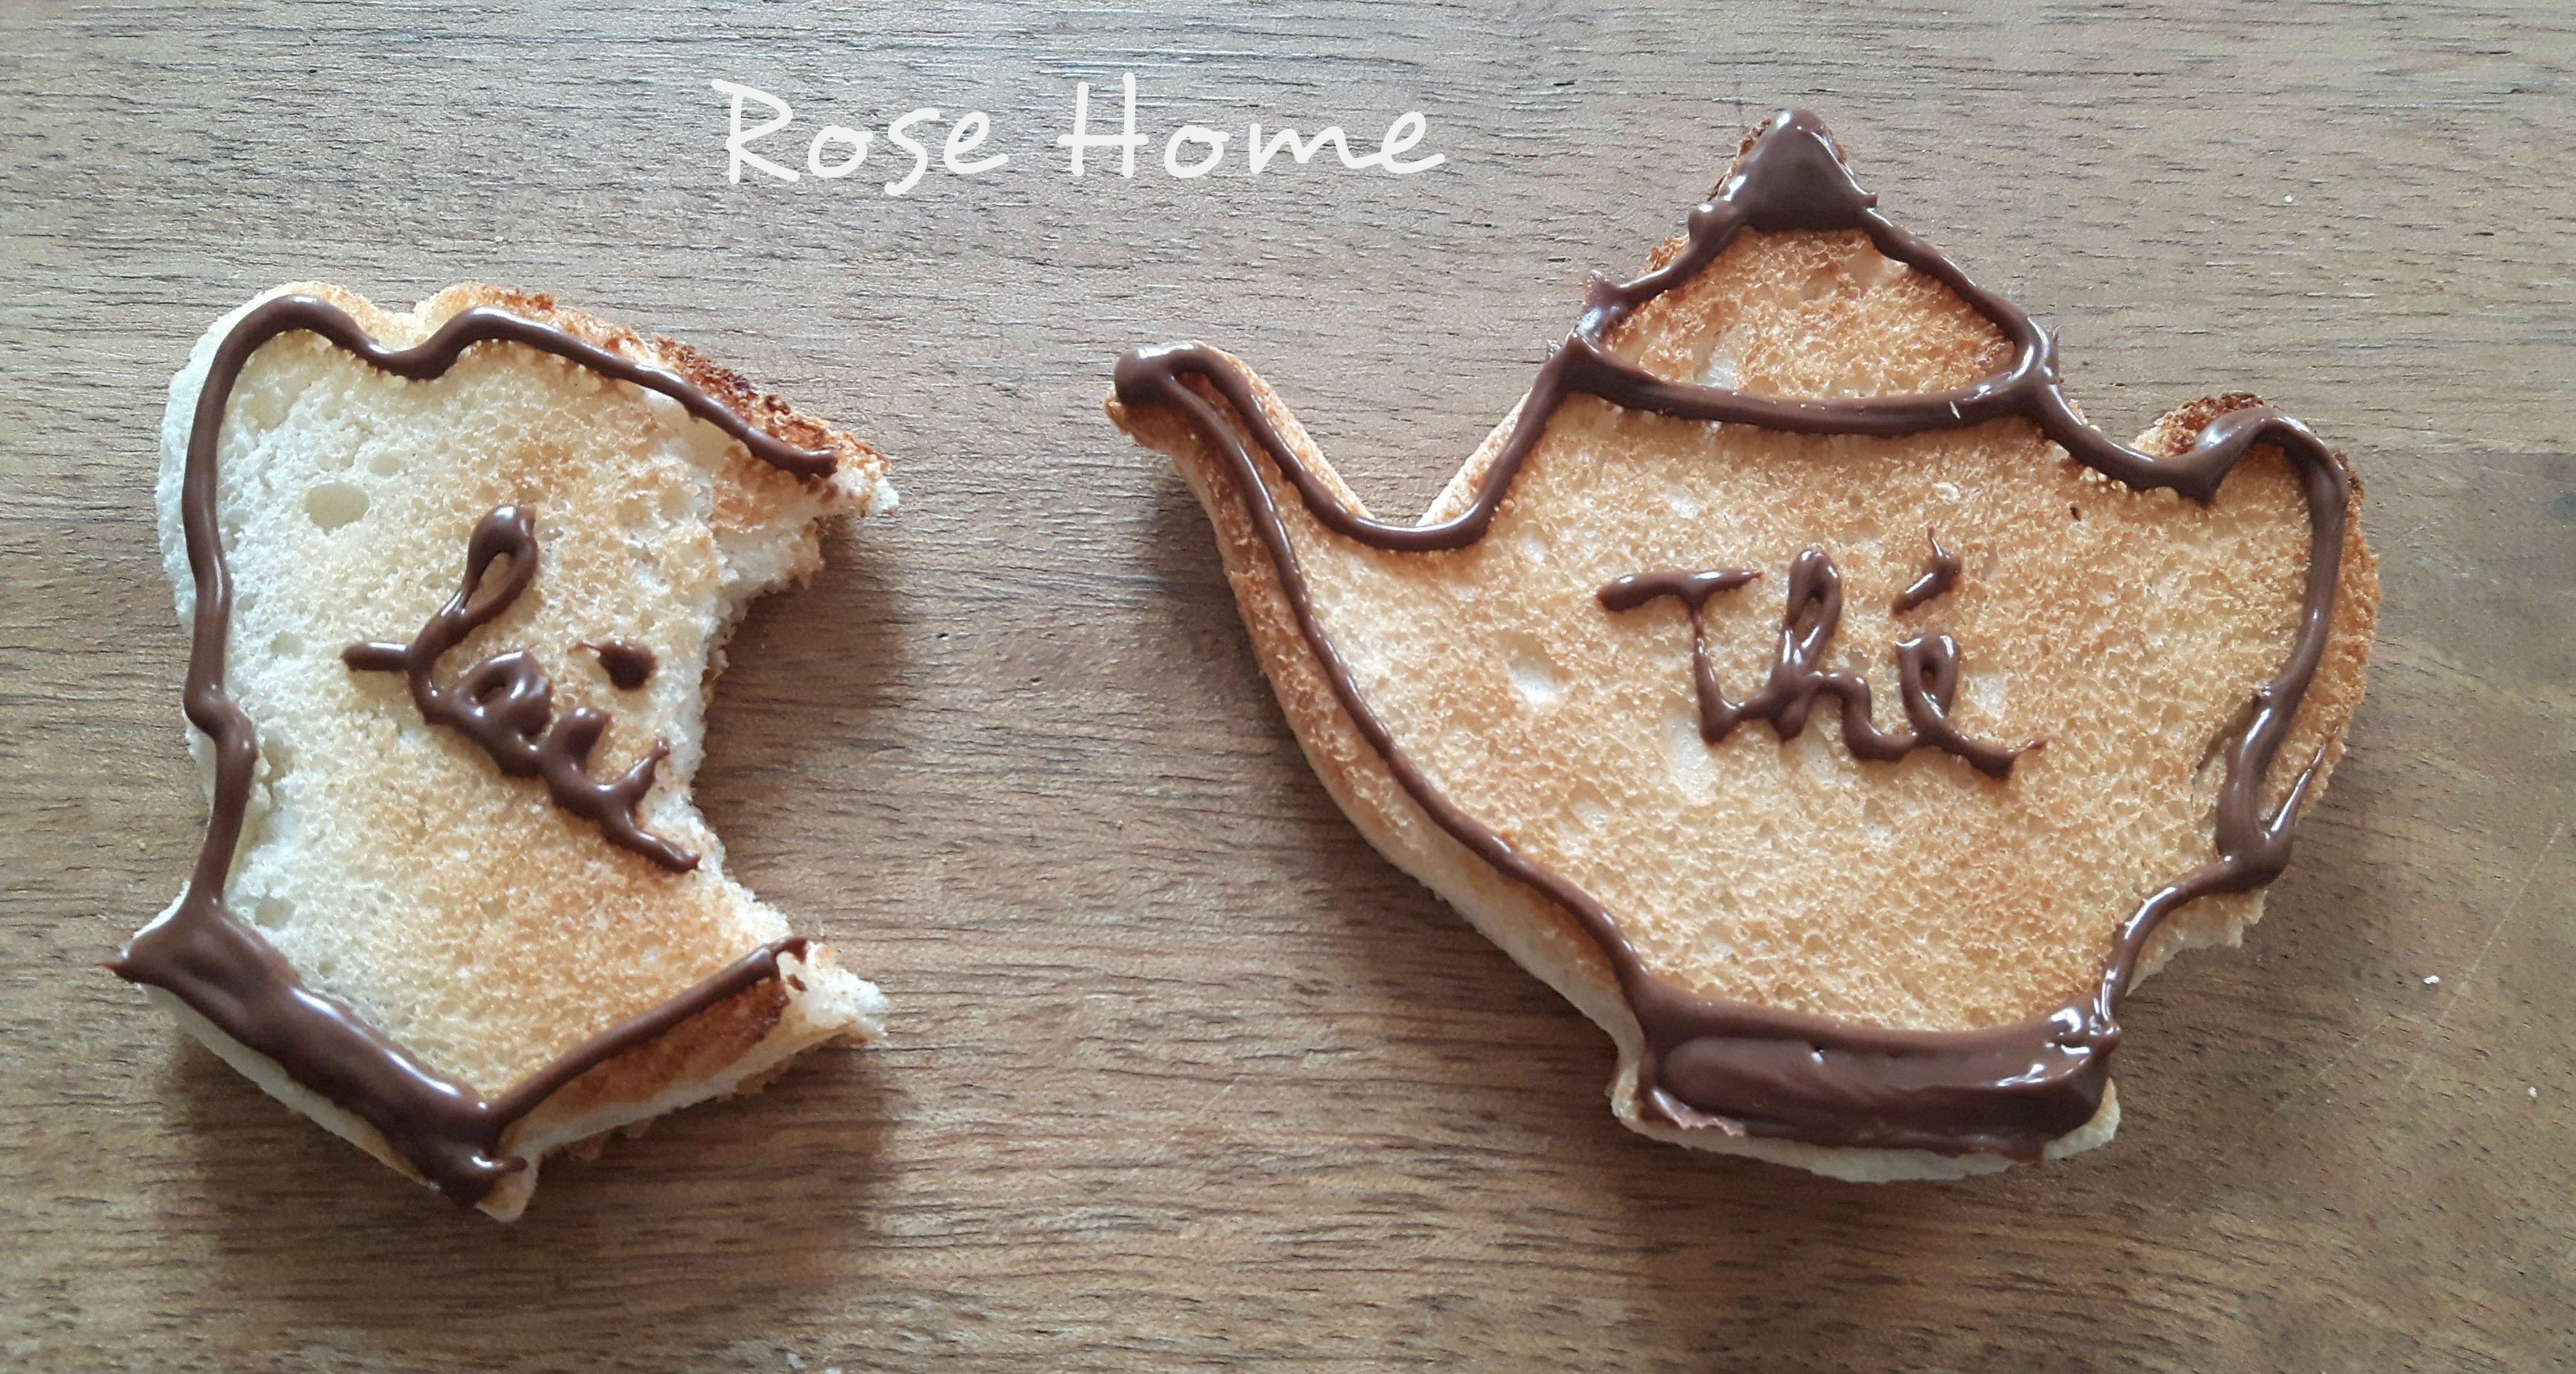 Adorables petits Toasts ...